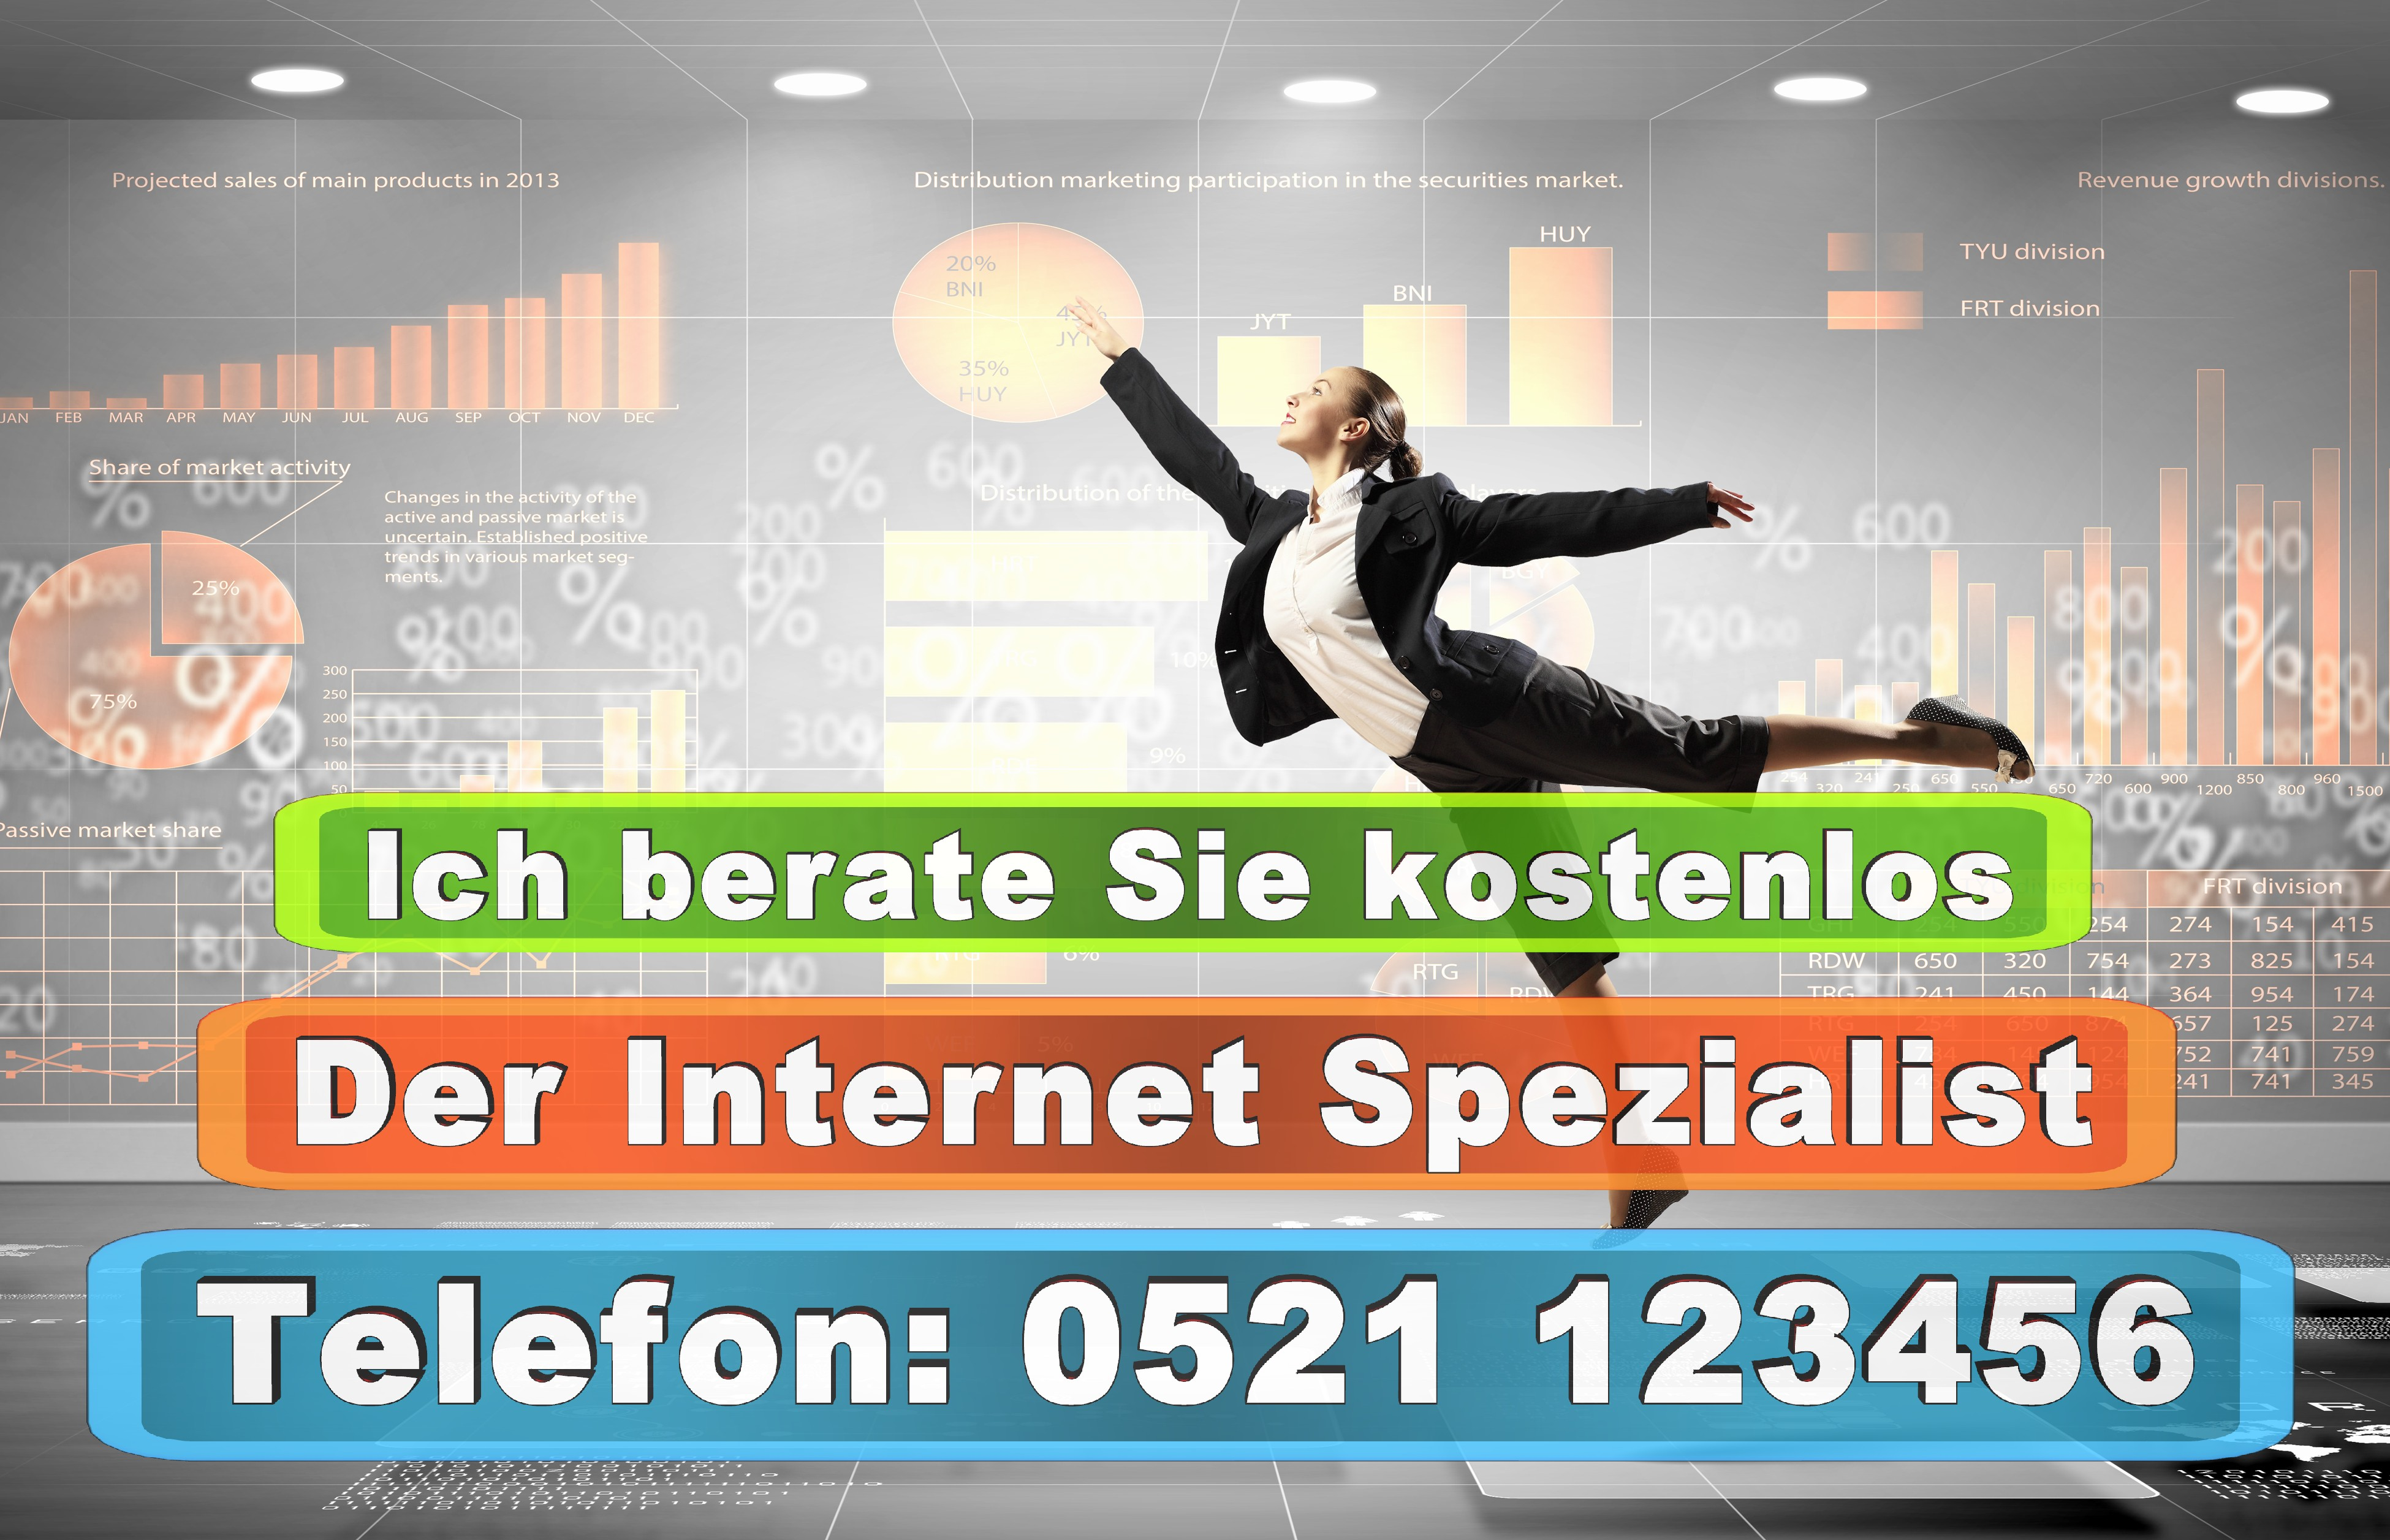 Bielefeld Werbeagenturen Druckereien Werbeplakate Print Druck Internet Computer Grafiker Designer Mode Geschäfte Bekleidung (13)